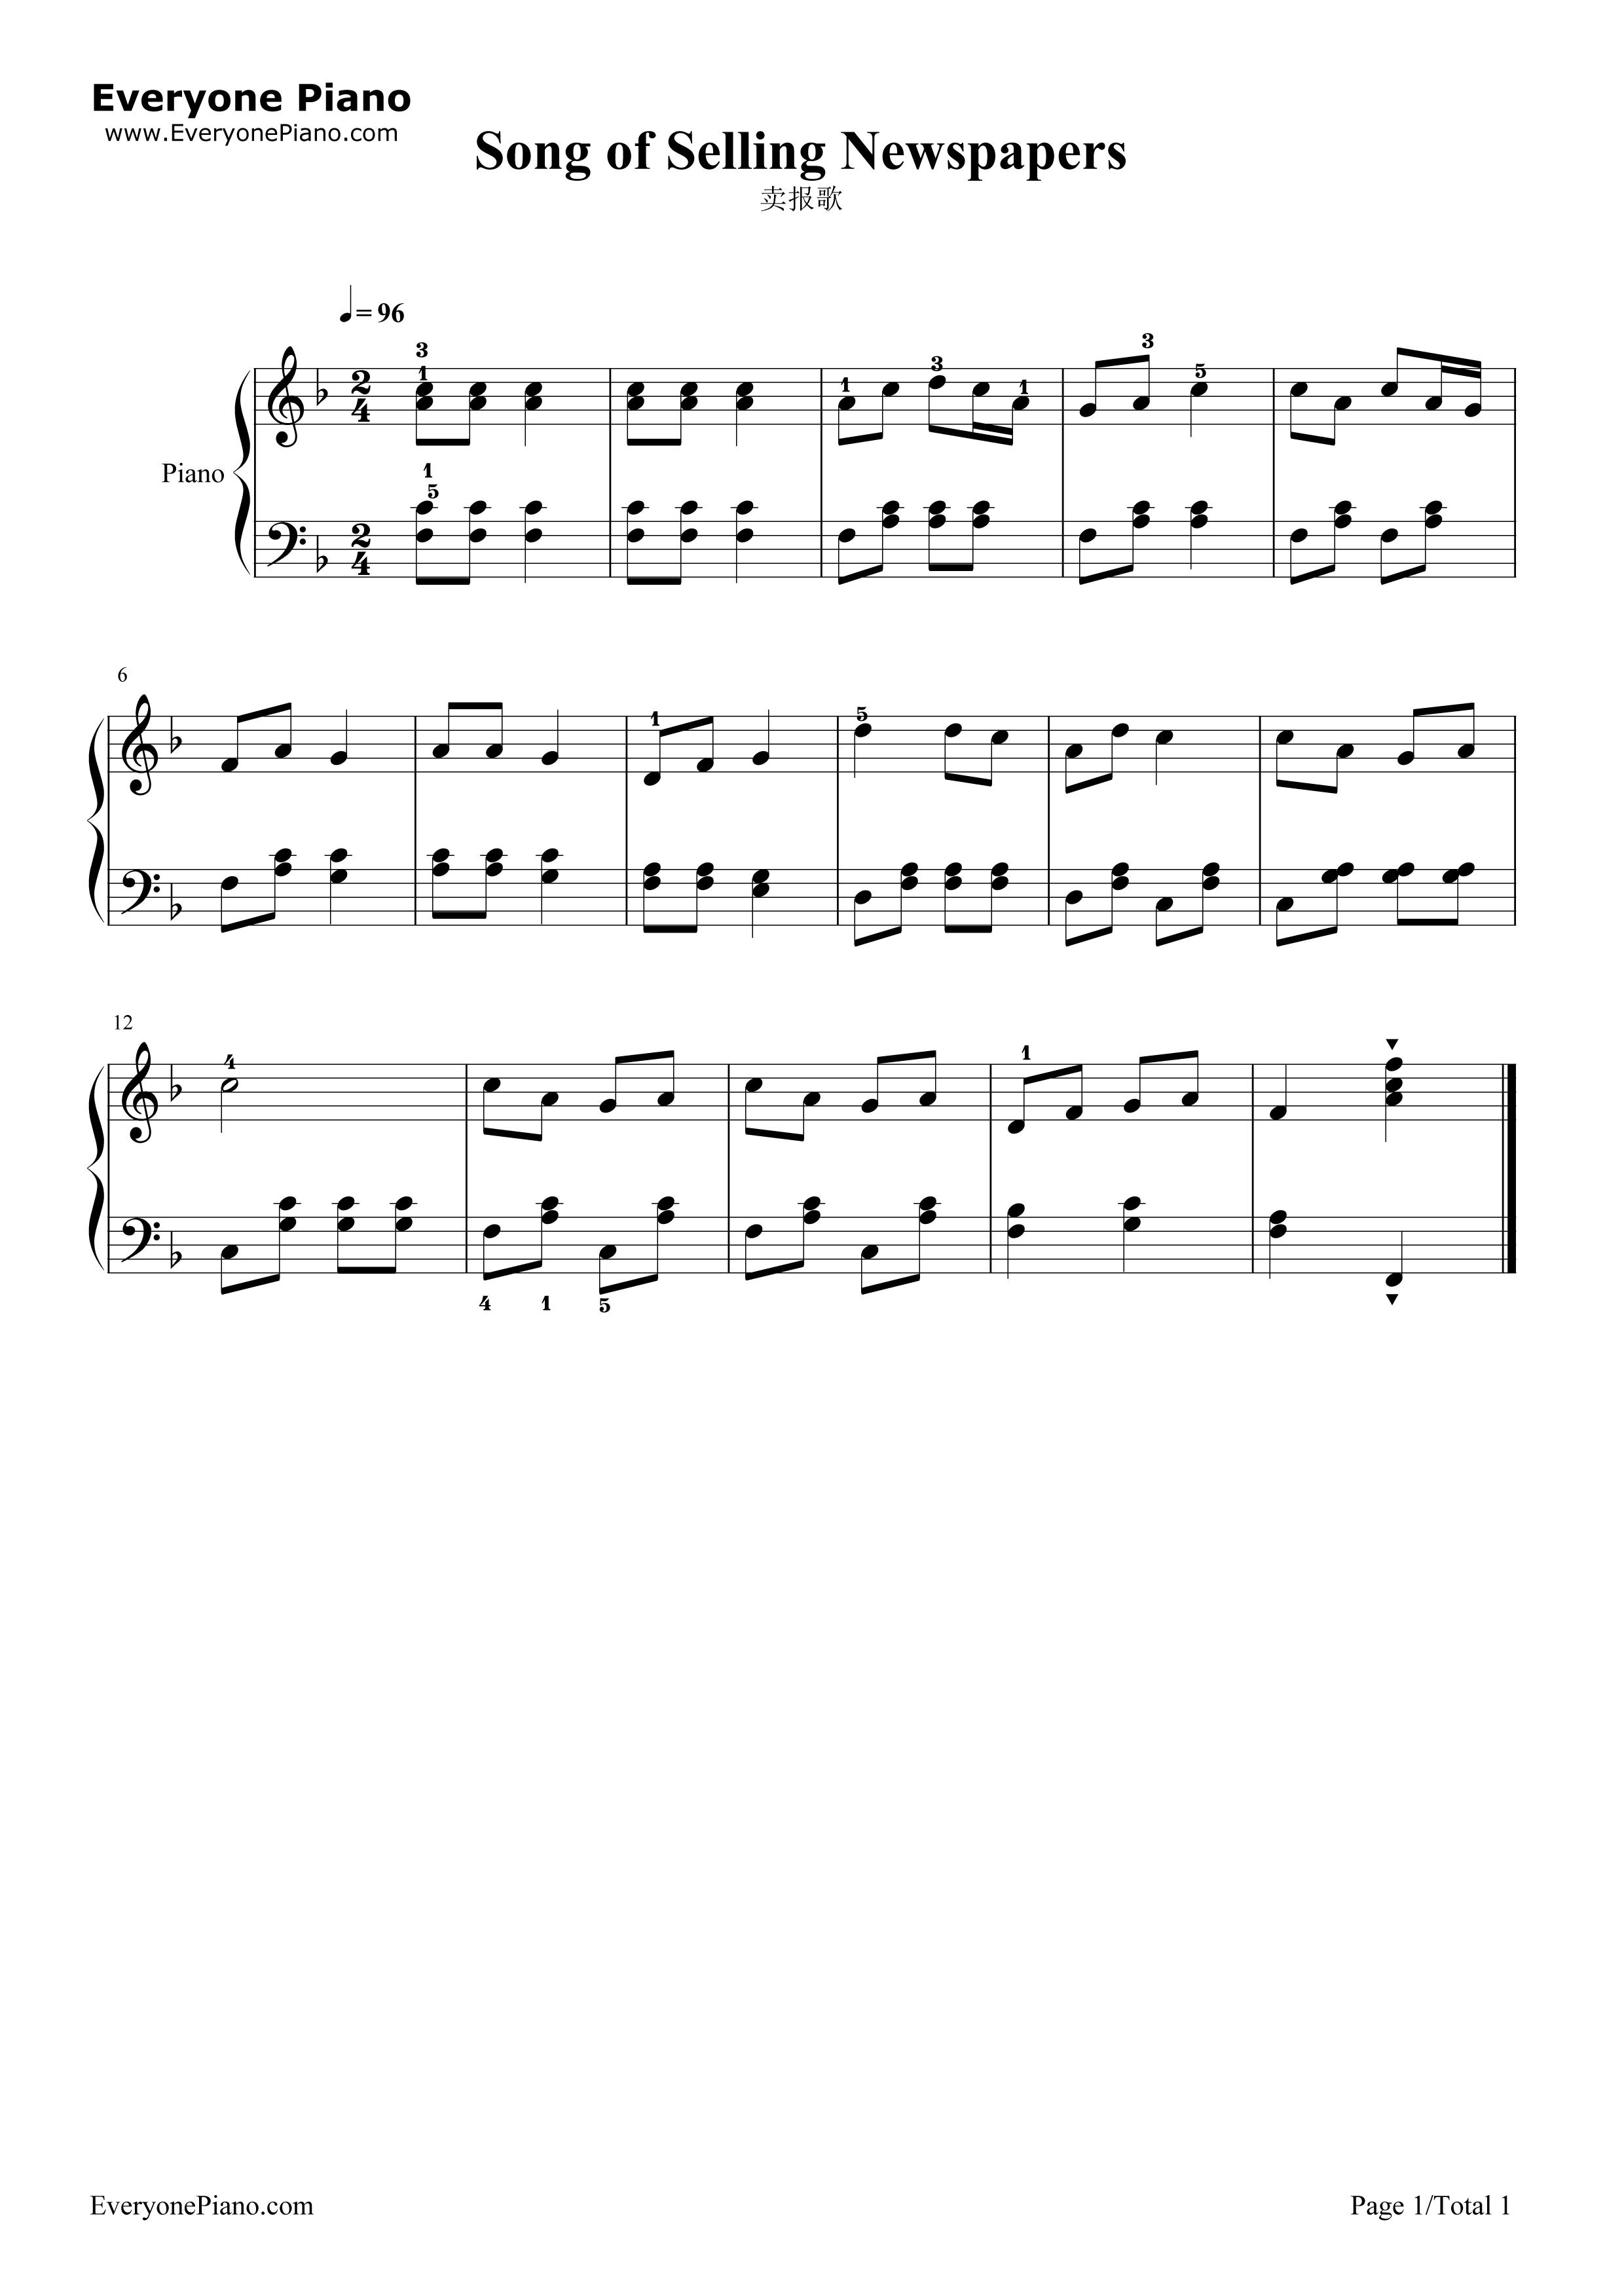 钢琴曲谱 儿歌 卖报歌 卖报歌五线谱预览1   仅供个人学习交流使用 可